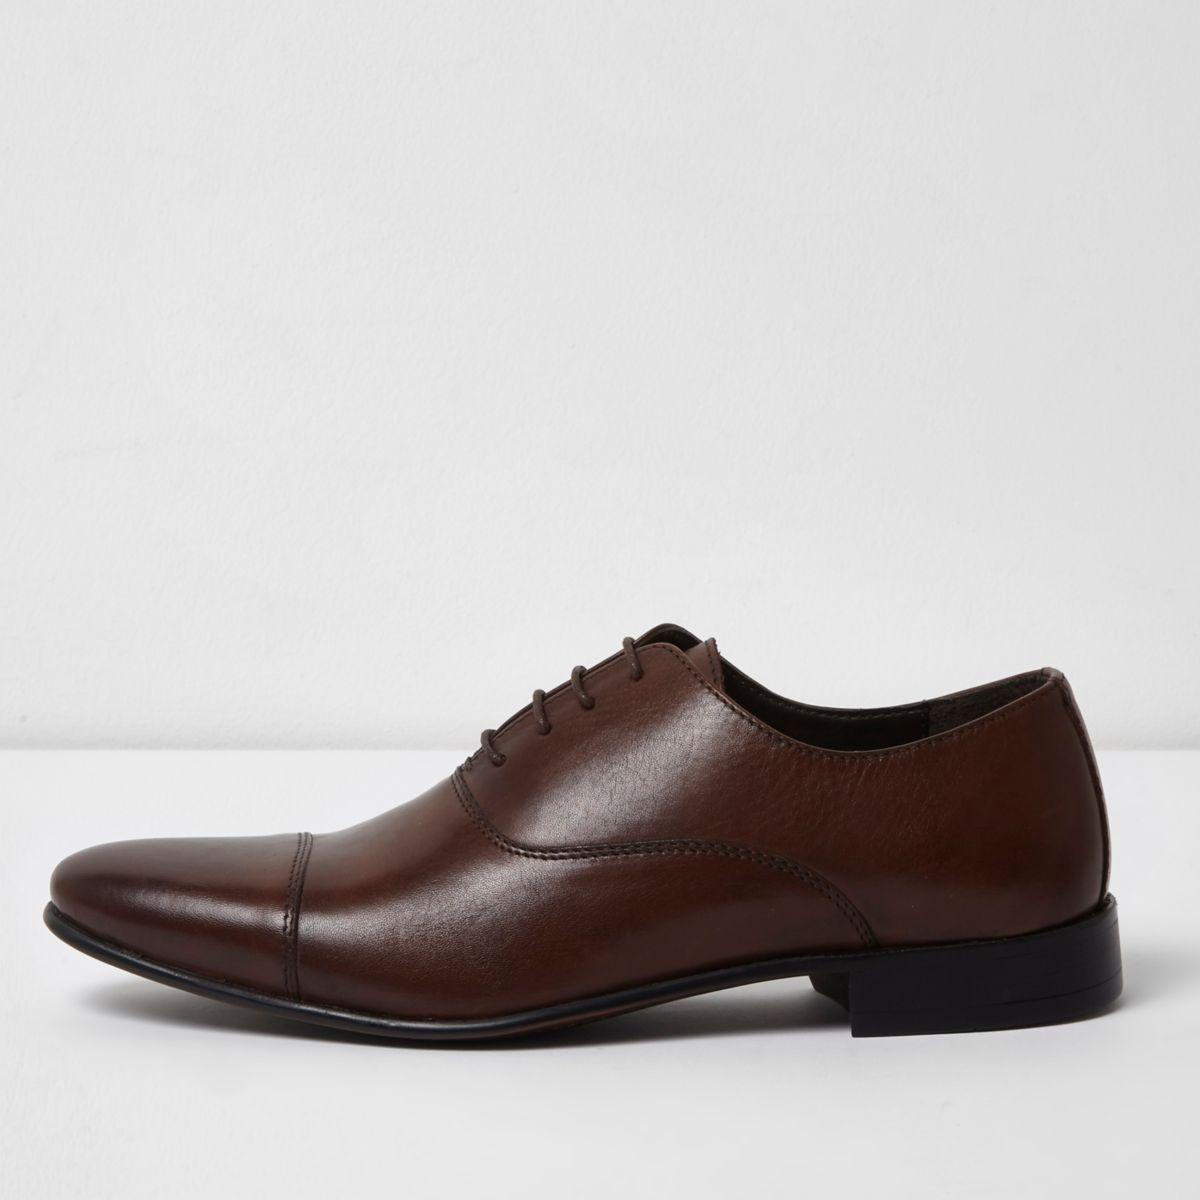 Chaussures Oxford en cuir marron foncé avec bout rapporté